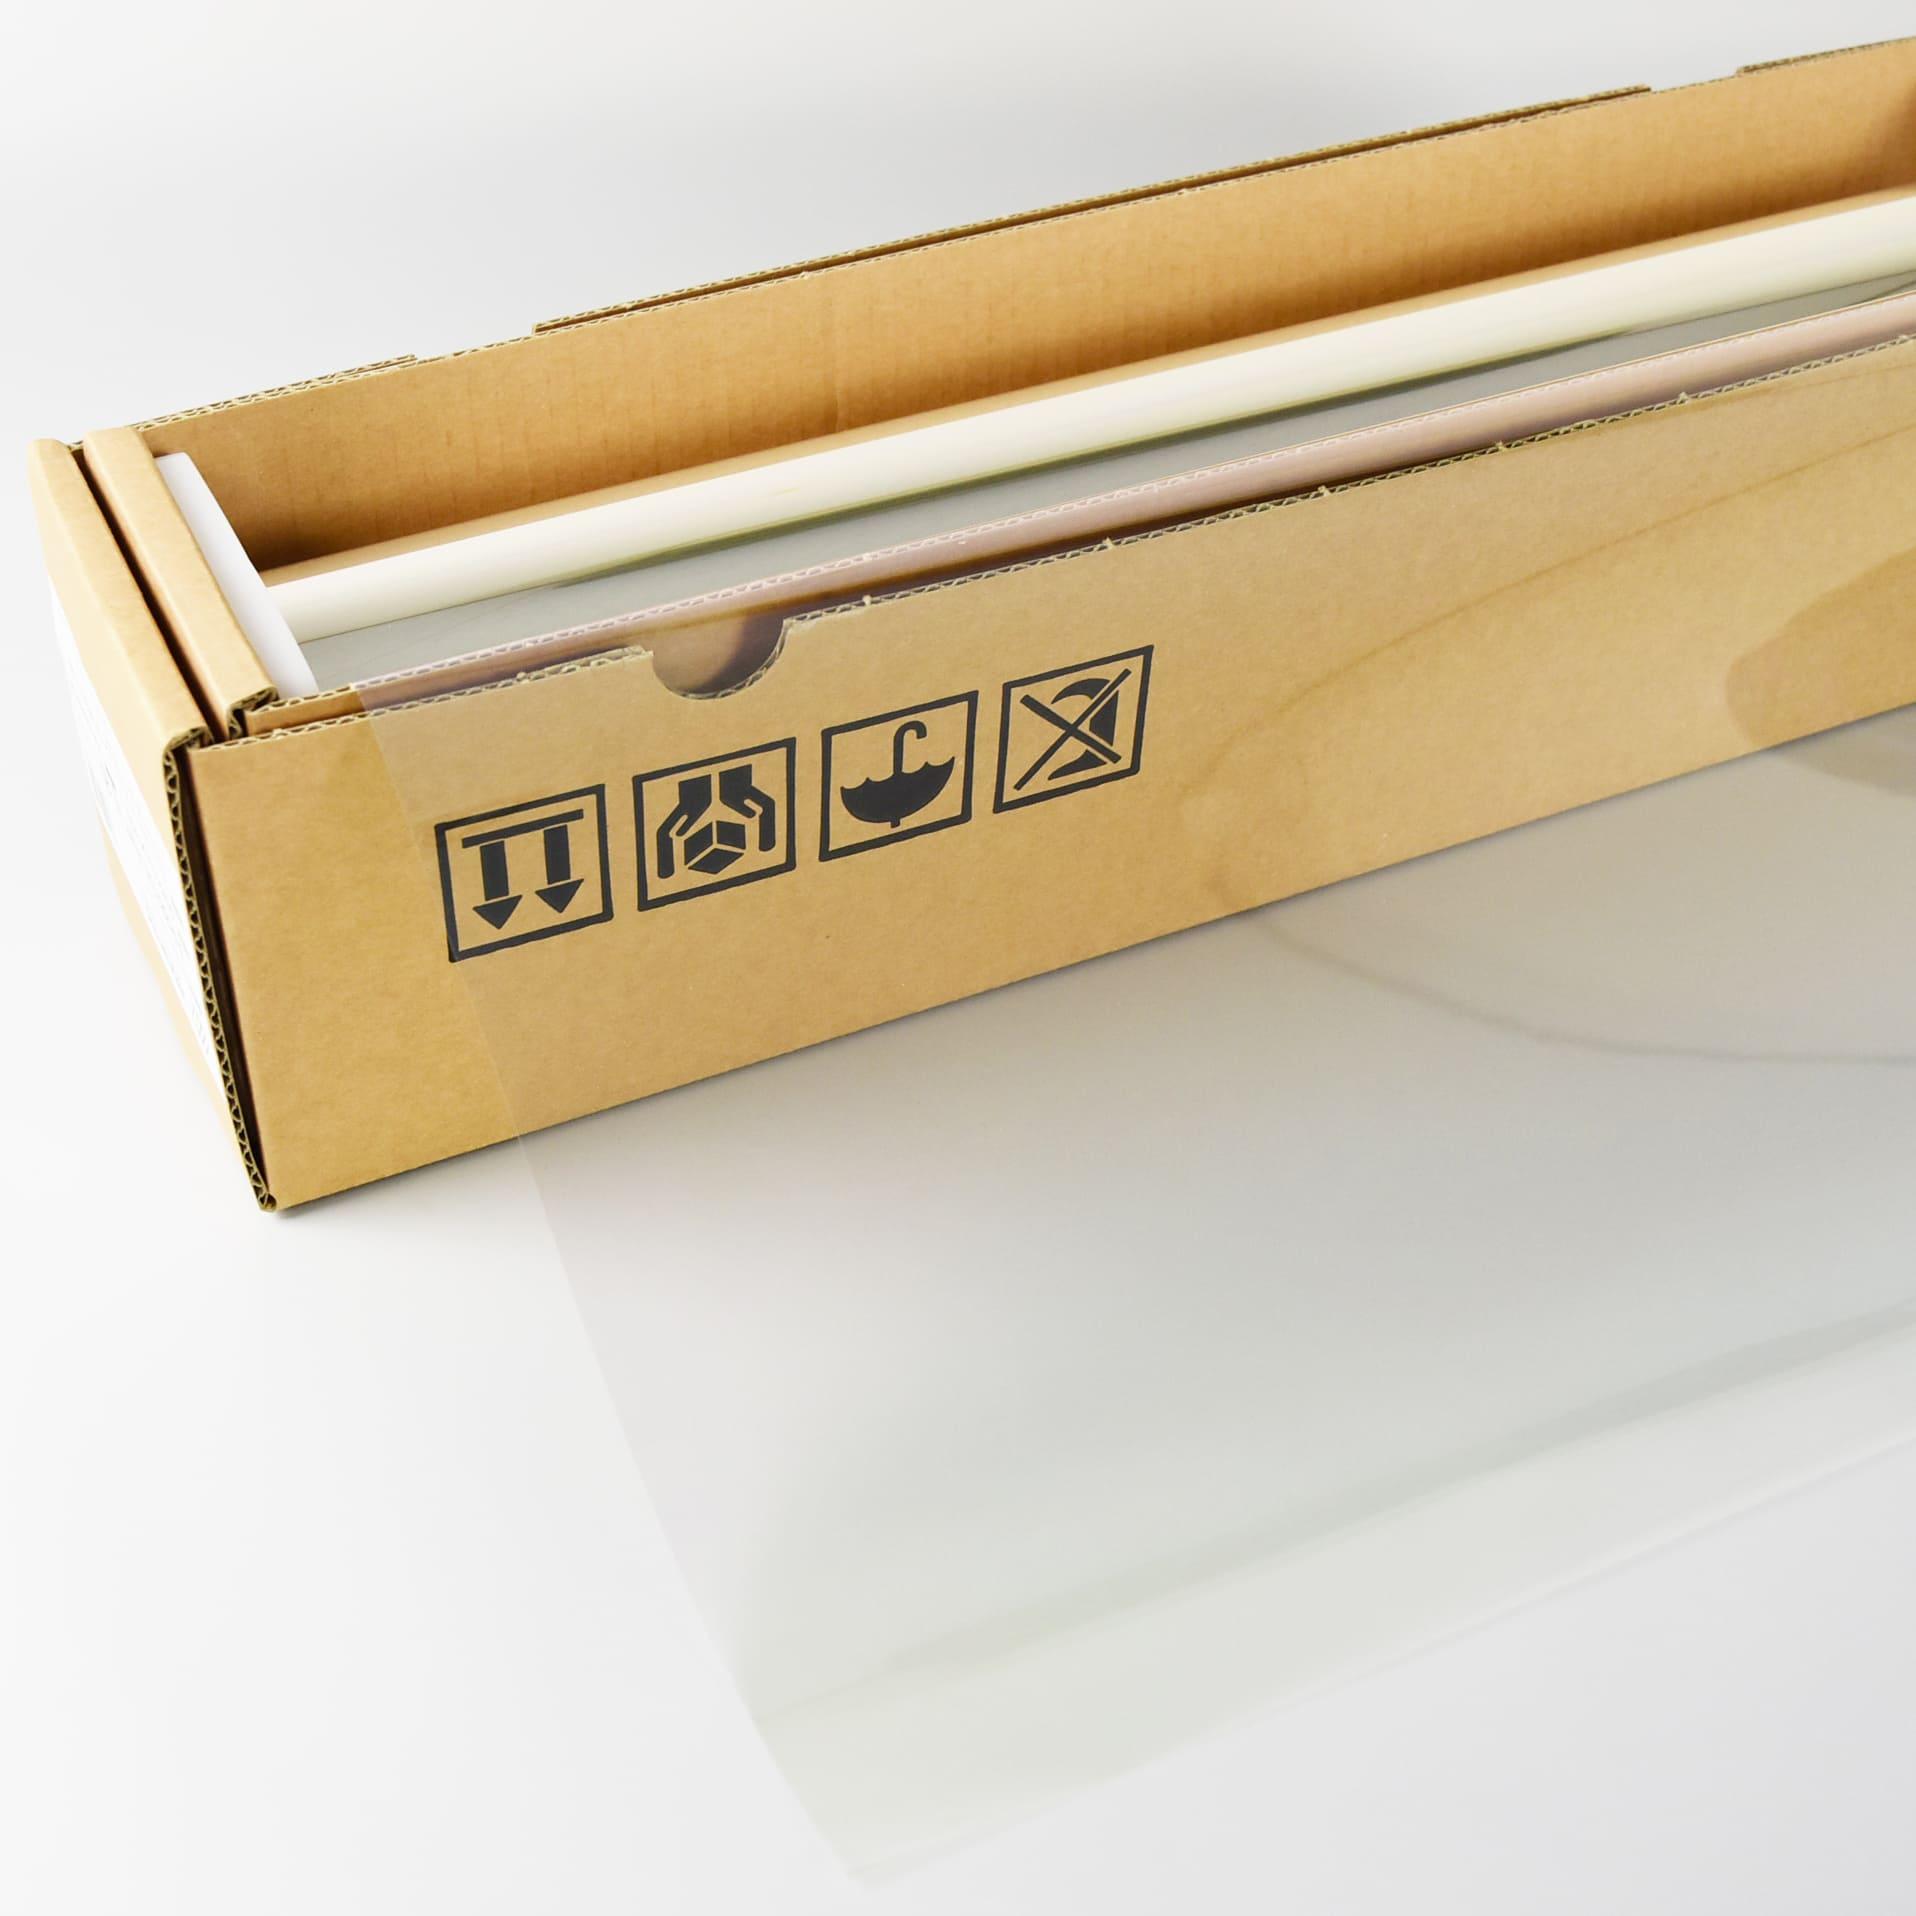 ゴースト新色 サイレント ゴーストII[#AR88(SILENT2)]の先行販売開始!